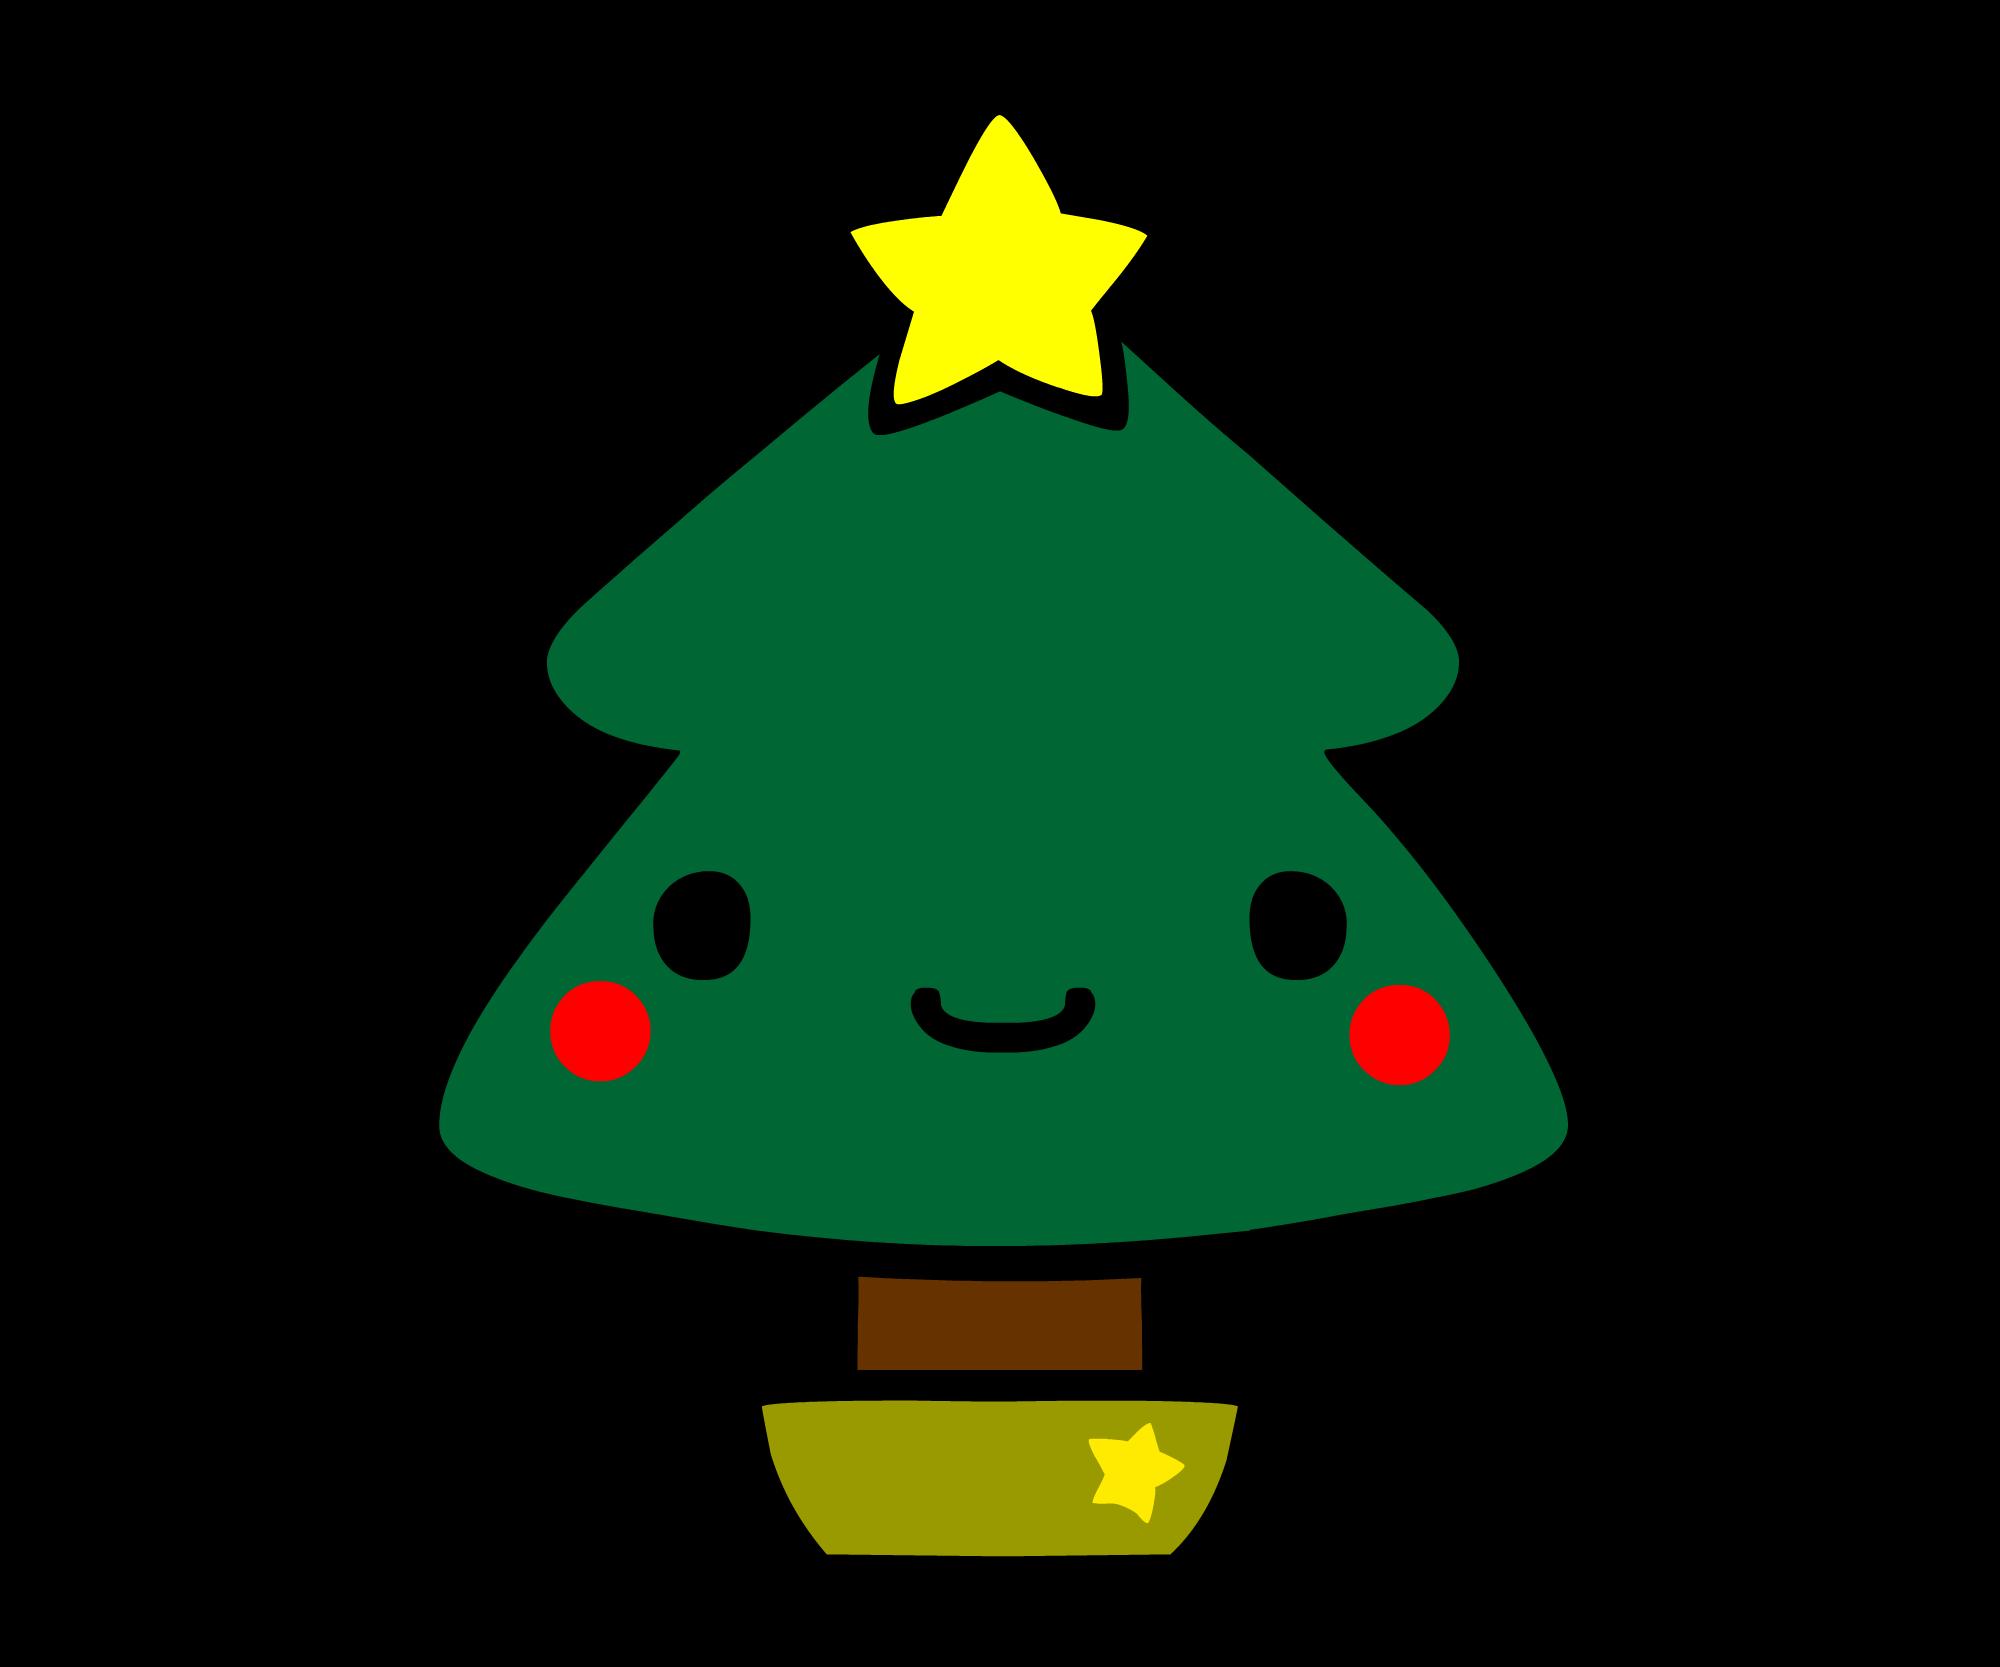 かわいいツリー